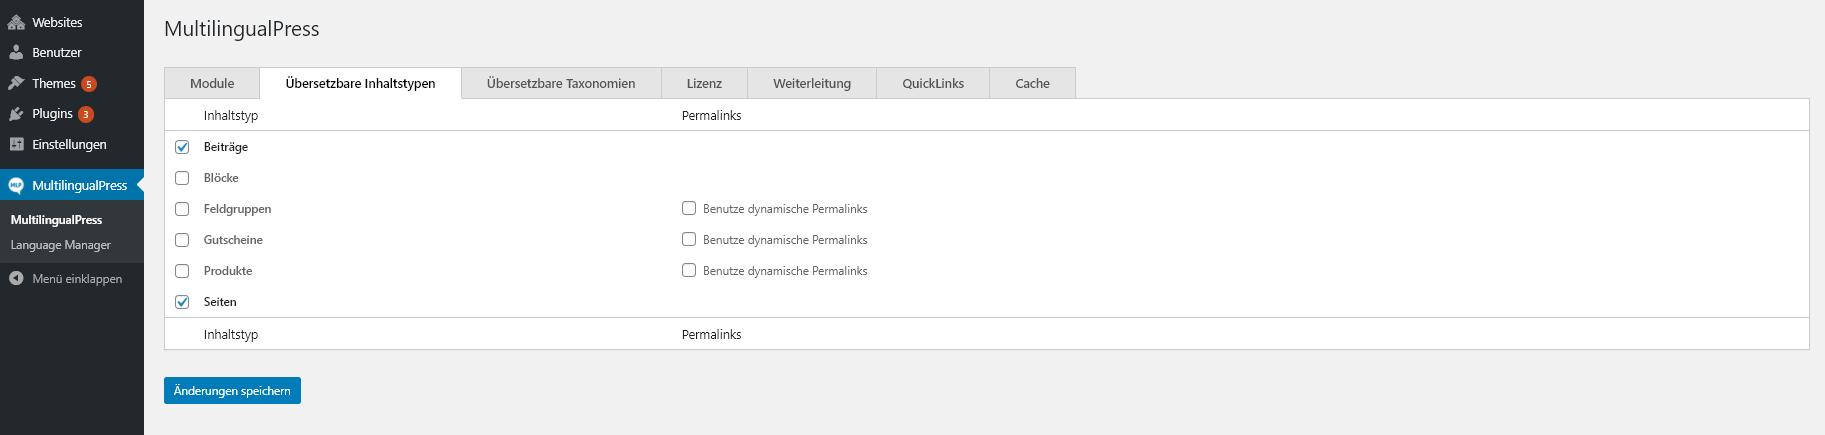 Übersetzbare Inhaltstypen festlegen unter MultilingualPress, übersetzbare Inhaltstypen